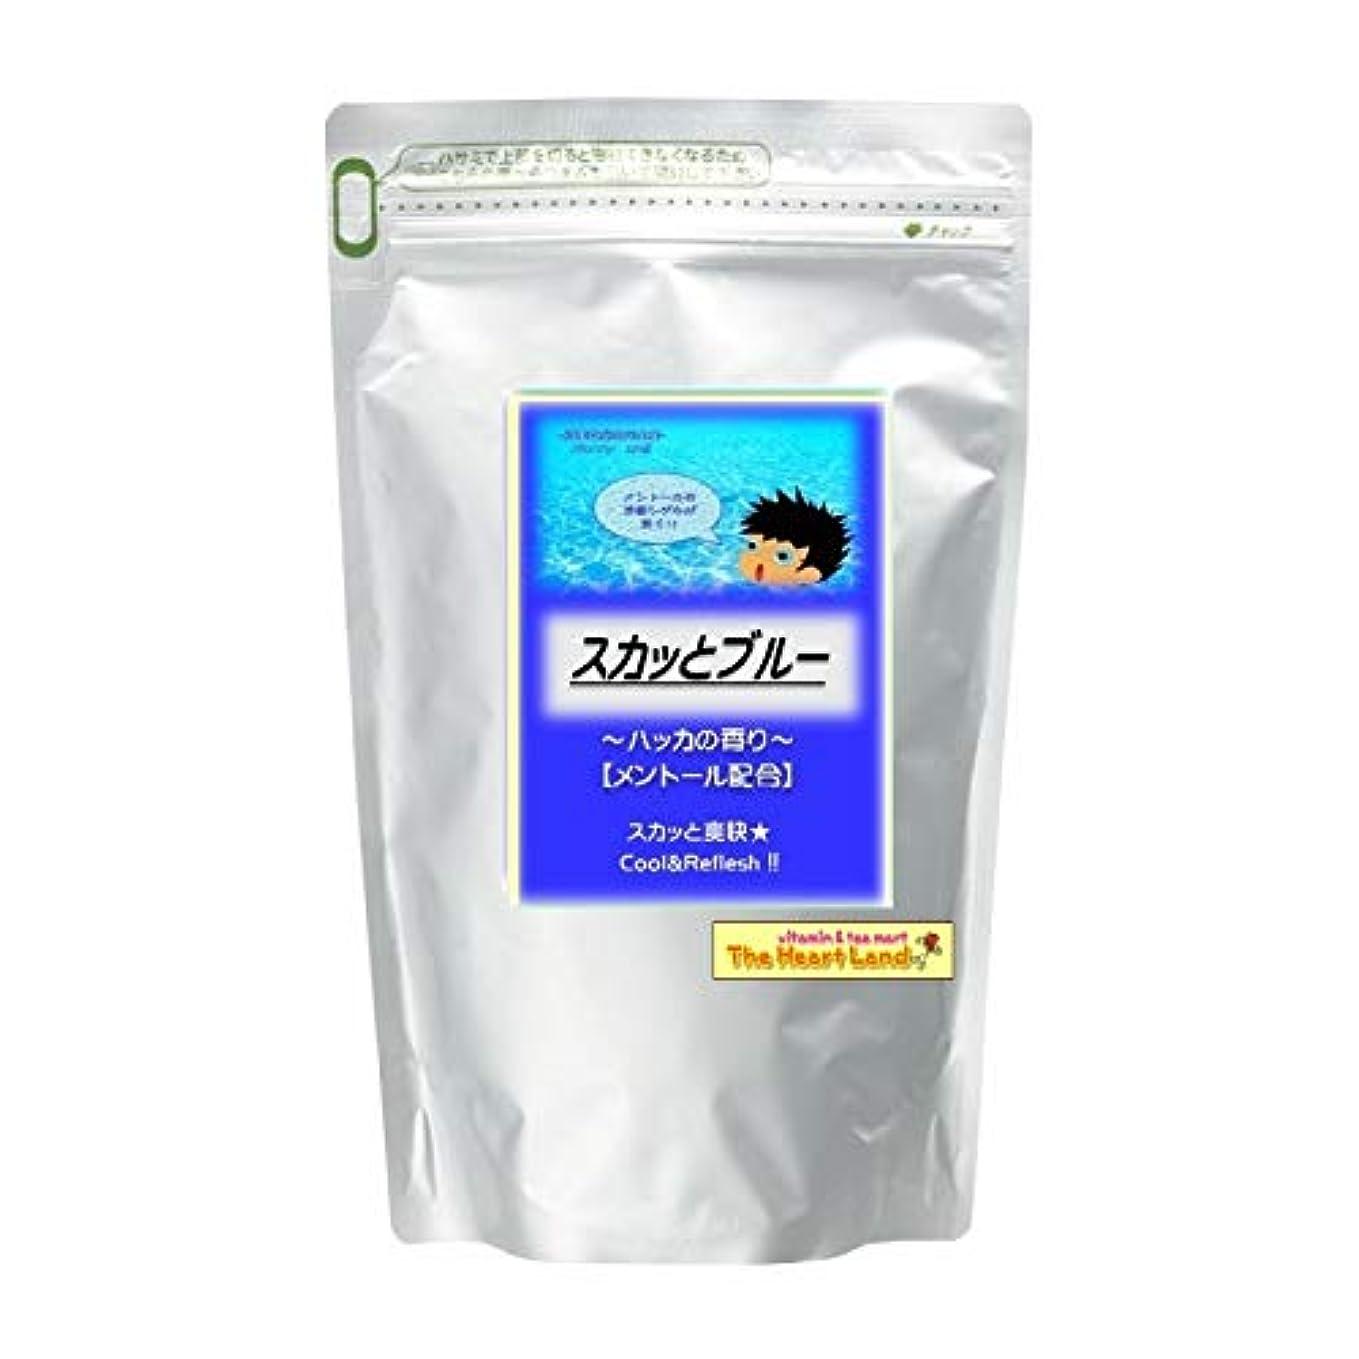 眠っている枠年齢アサヒ入浴剤 浴用入浴化粧品 スカッとブルー 300g